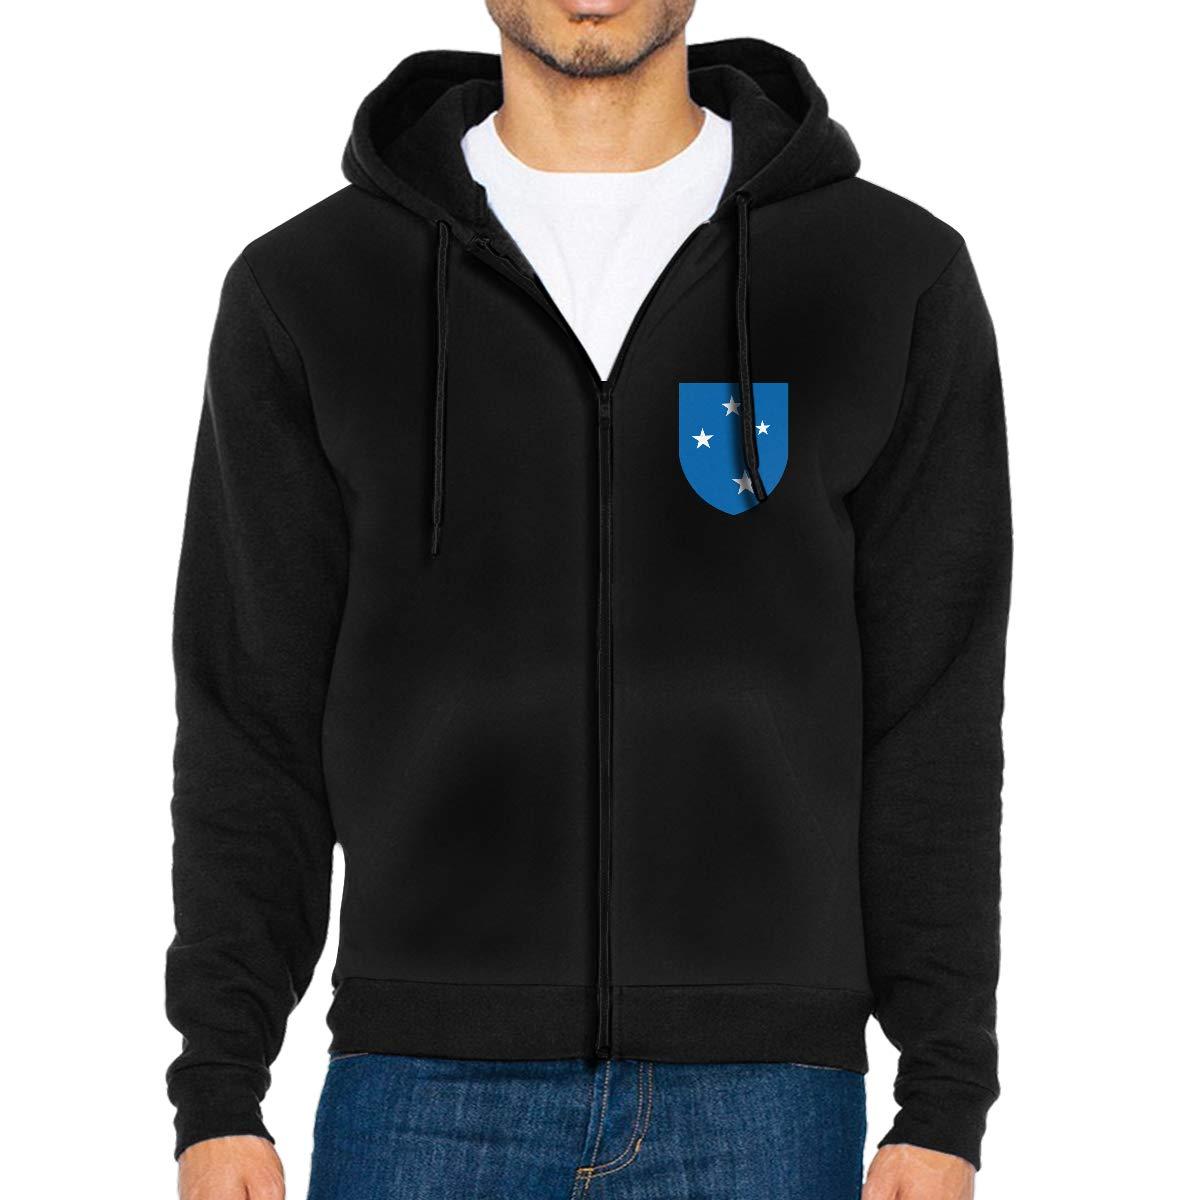 23rd Infantry Division Mens Full-Zip Up Hoodie Jacket Pullover Sweatshirt